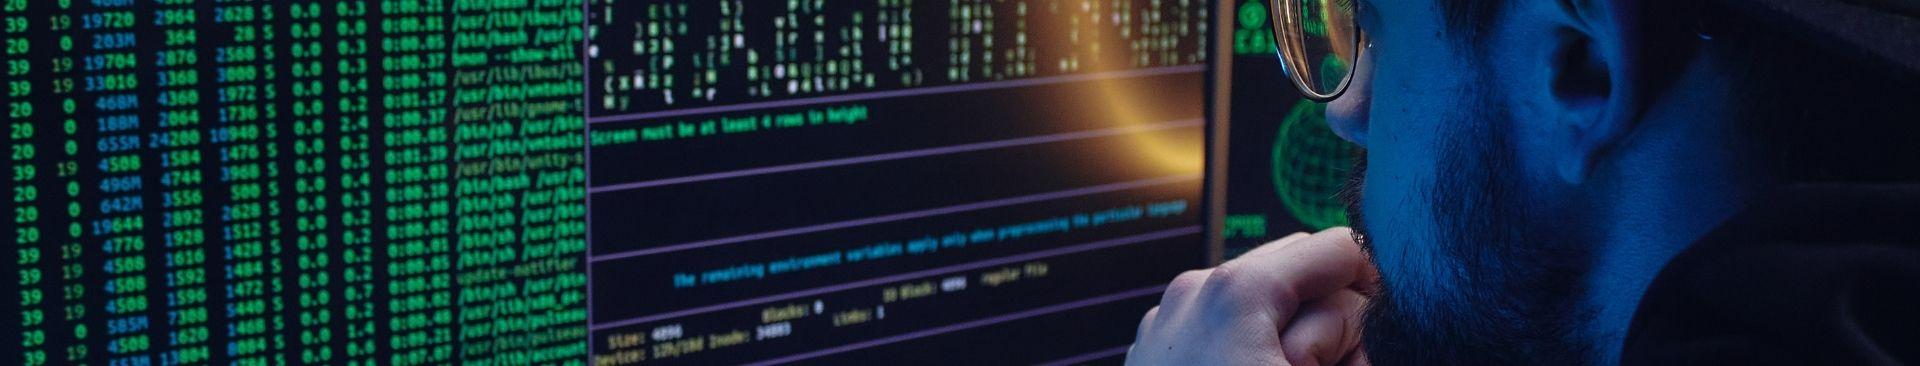 cyber security hacker